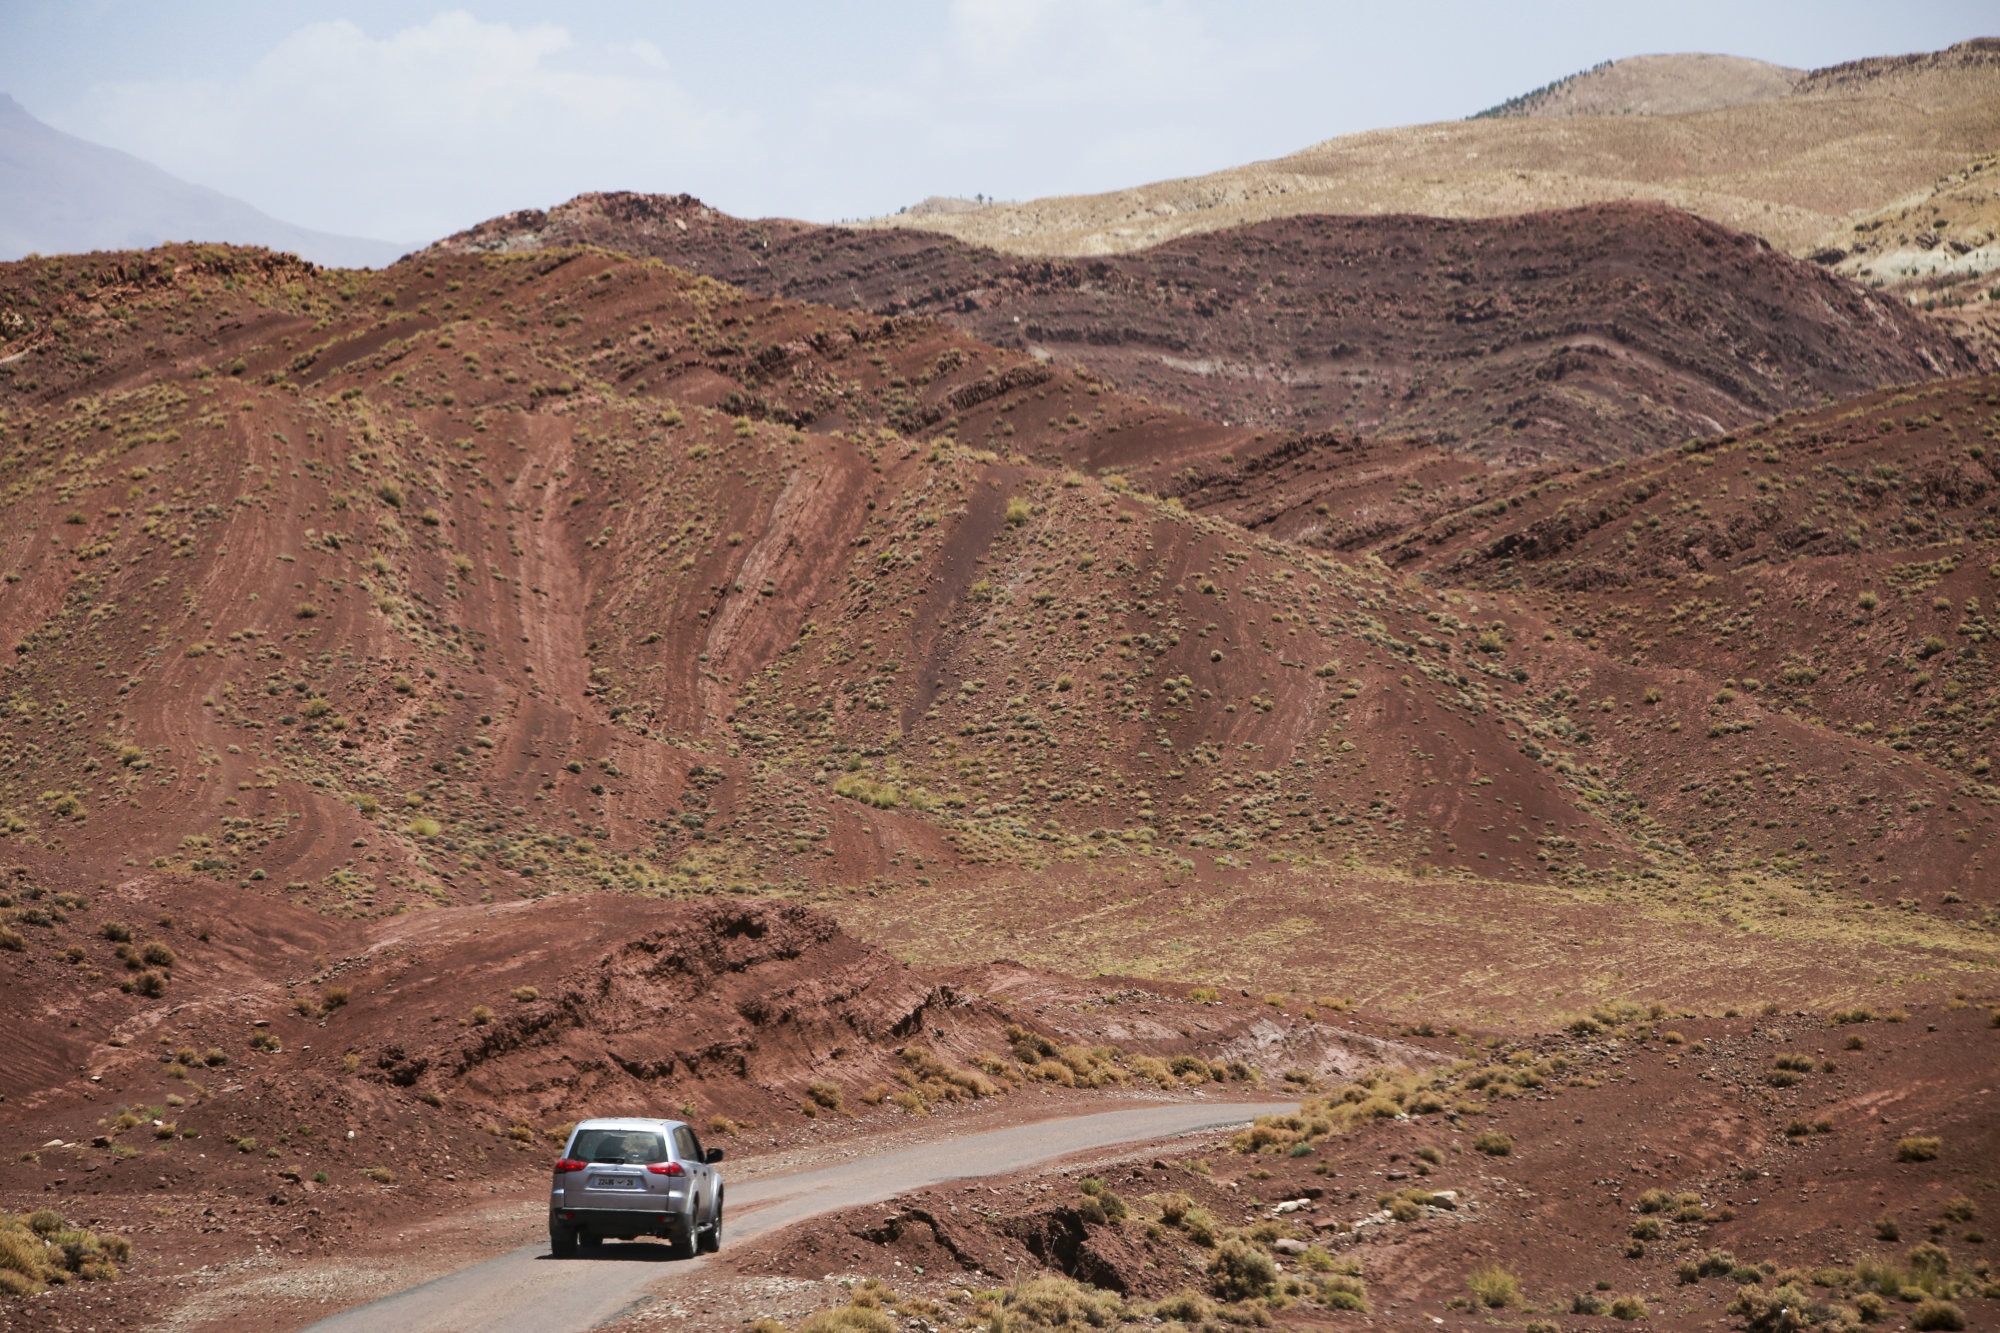 on-the-road-silberpfeil-marokko-2016-mcu-ausflug